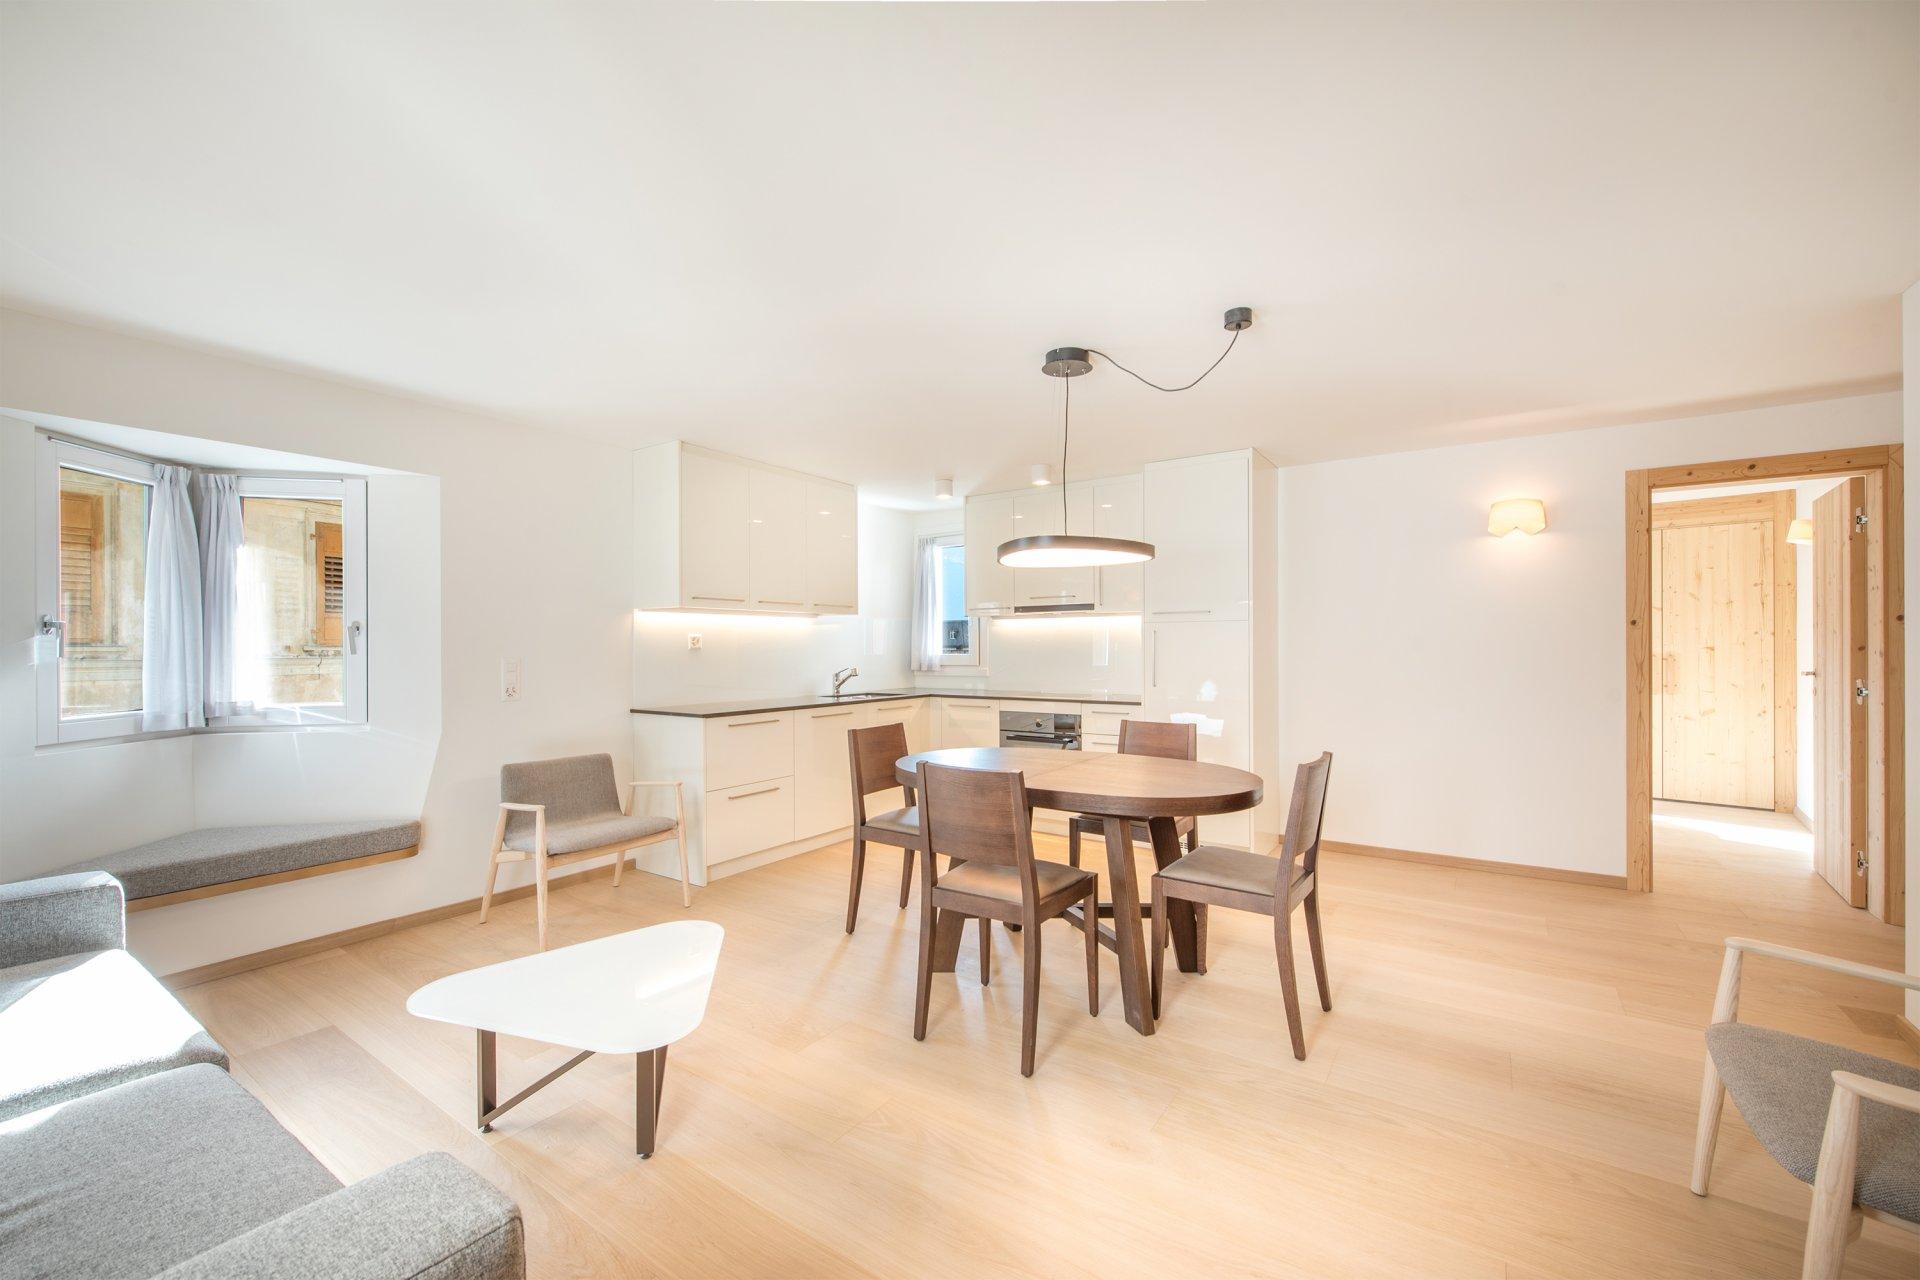 Verkauf Wohnung - Pontresina - Schweiz